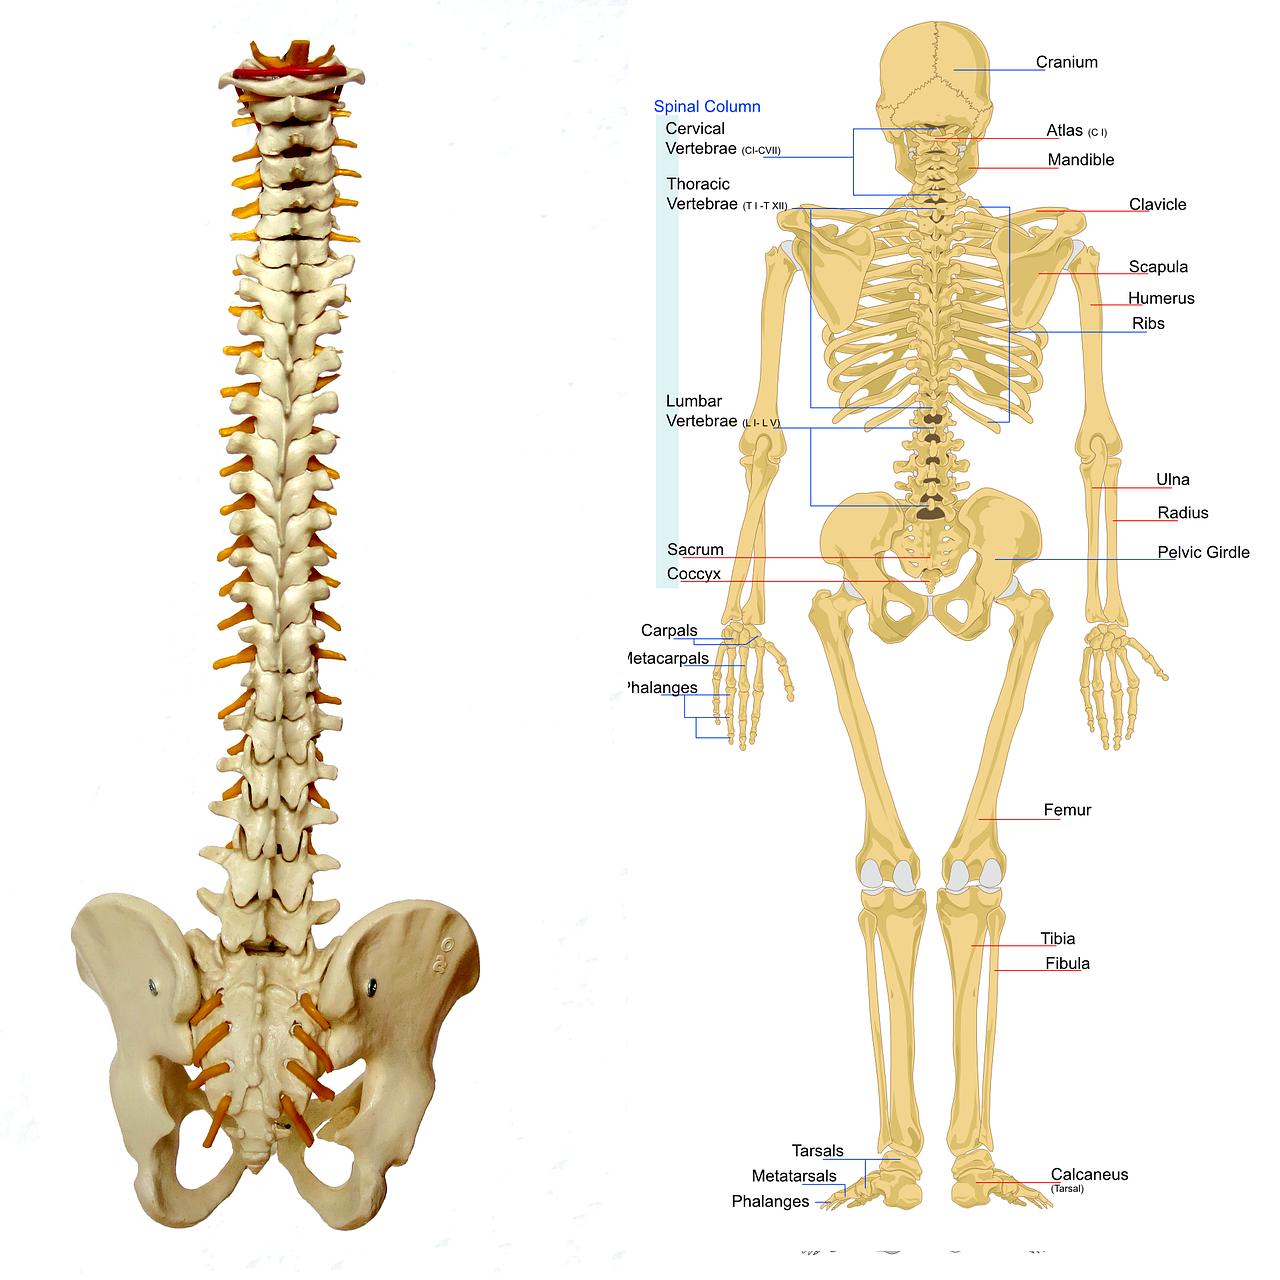 Anatomie lernen Skelett mit flexibler Wirbelsäule